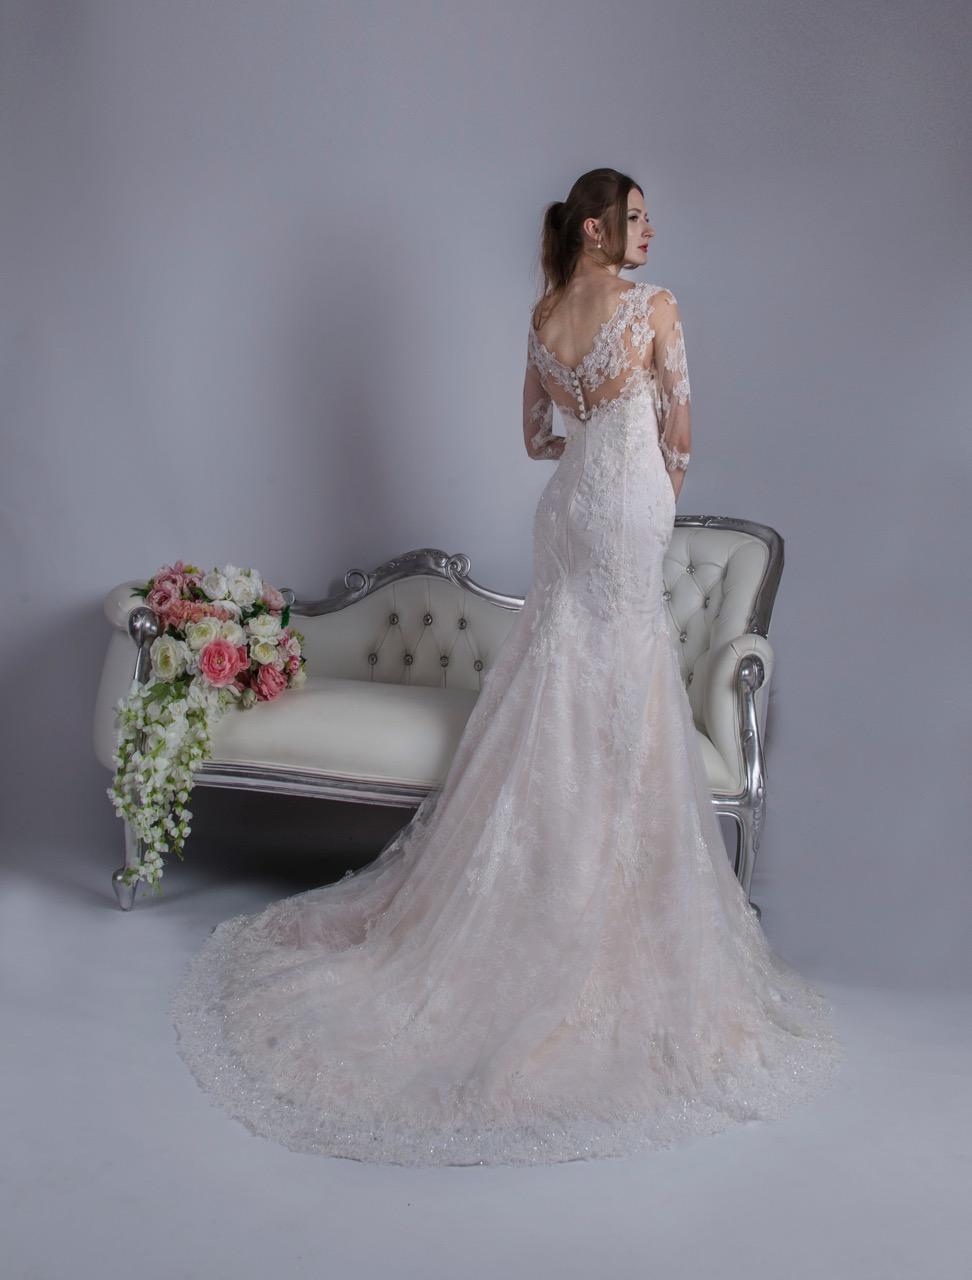 Robe de mariée avec une jupe travaillée en broderies